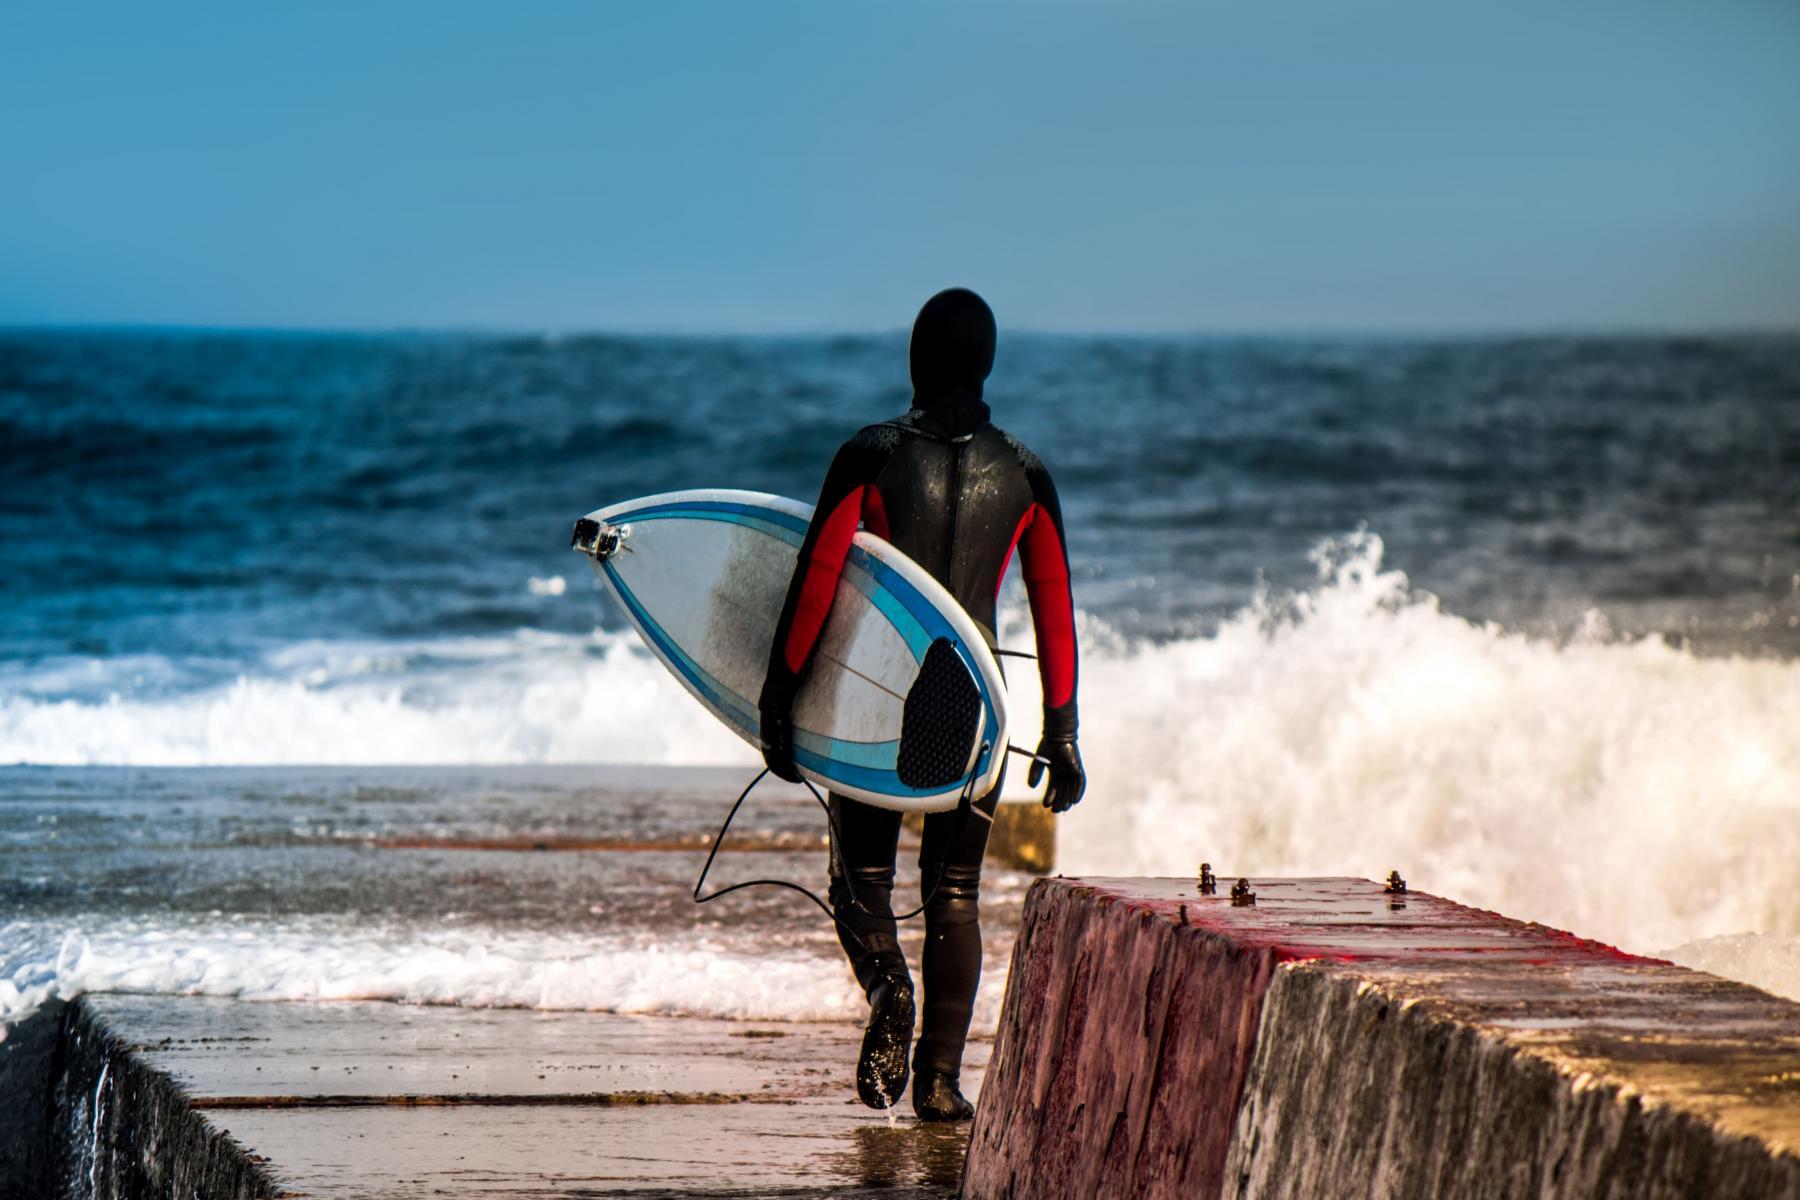 Sufer wearing a wetsuit